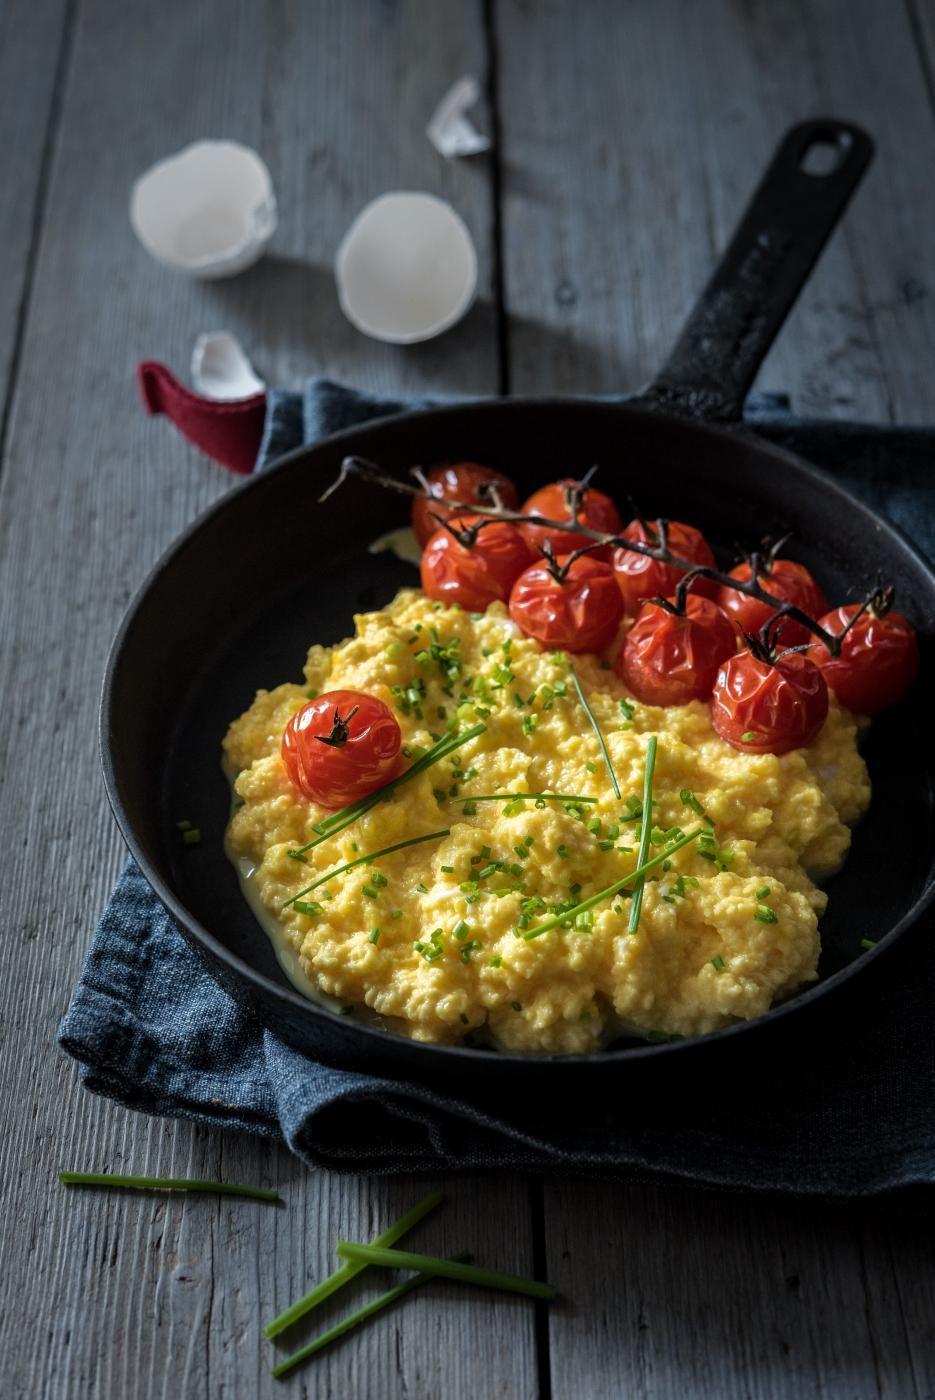 Herkullisen pehmeä munakokkeli maustetaan tilkalla hunajaa. Lopuksi siihen lisätään kananmunan keltuainen, joka takaa kermaisen lopputuloksen.